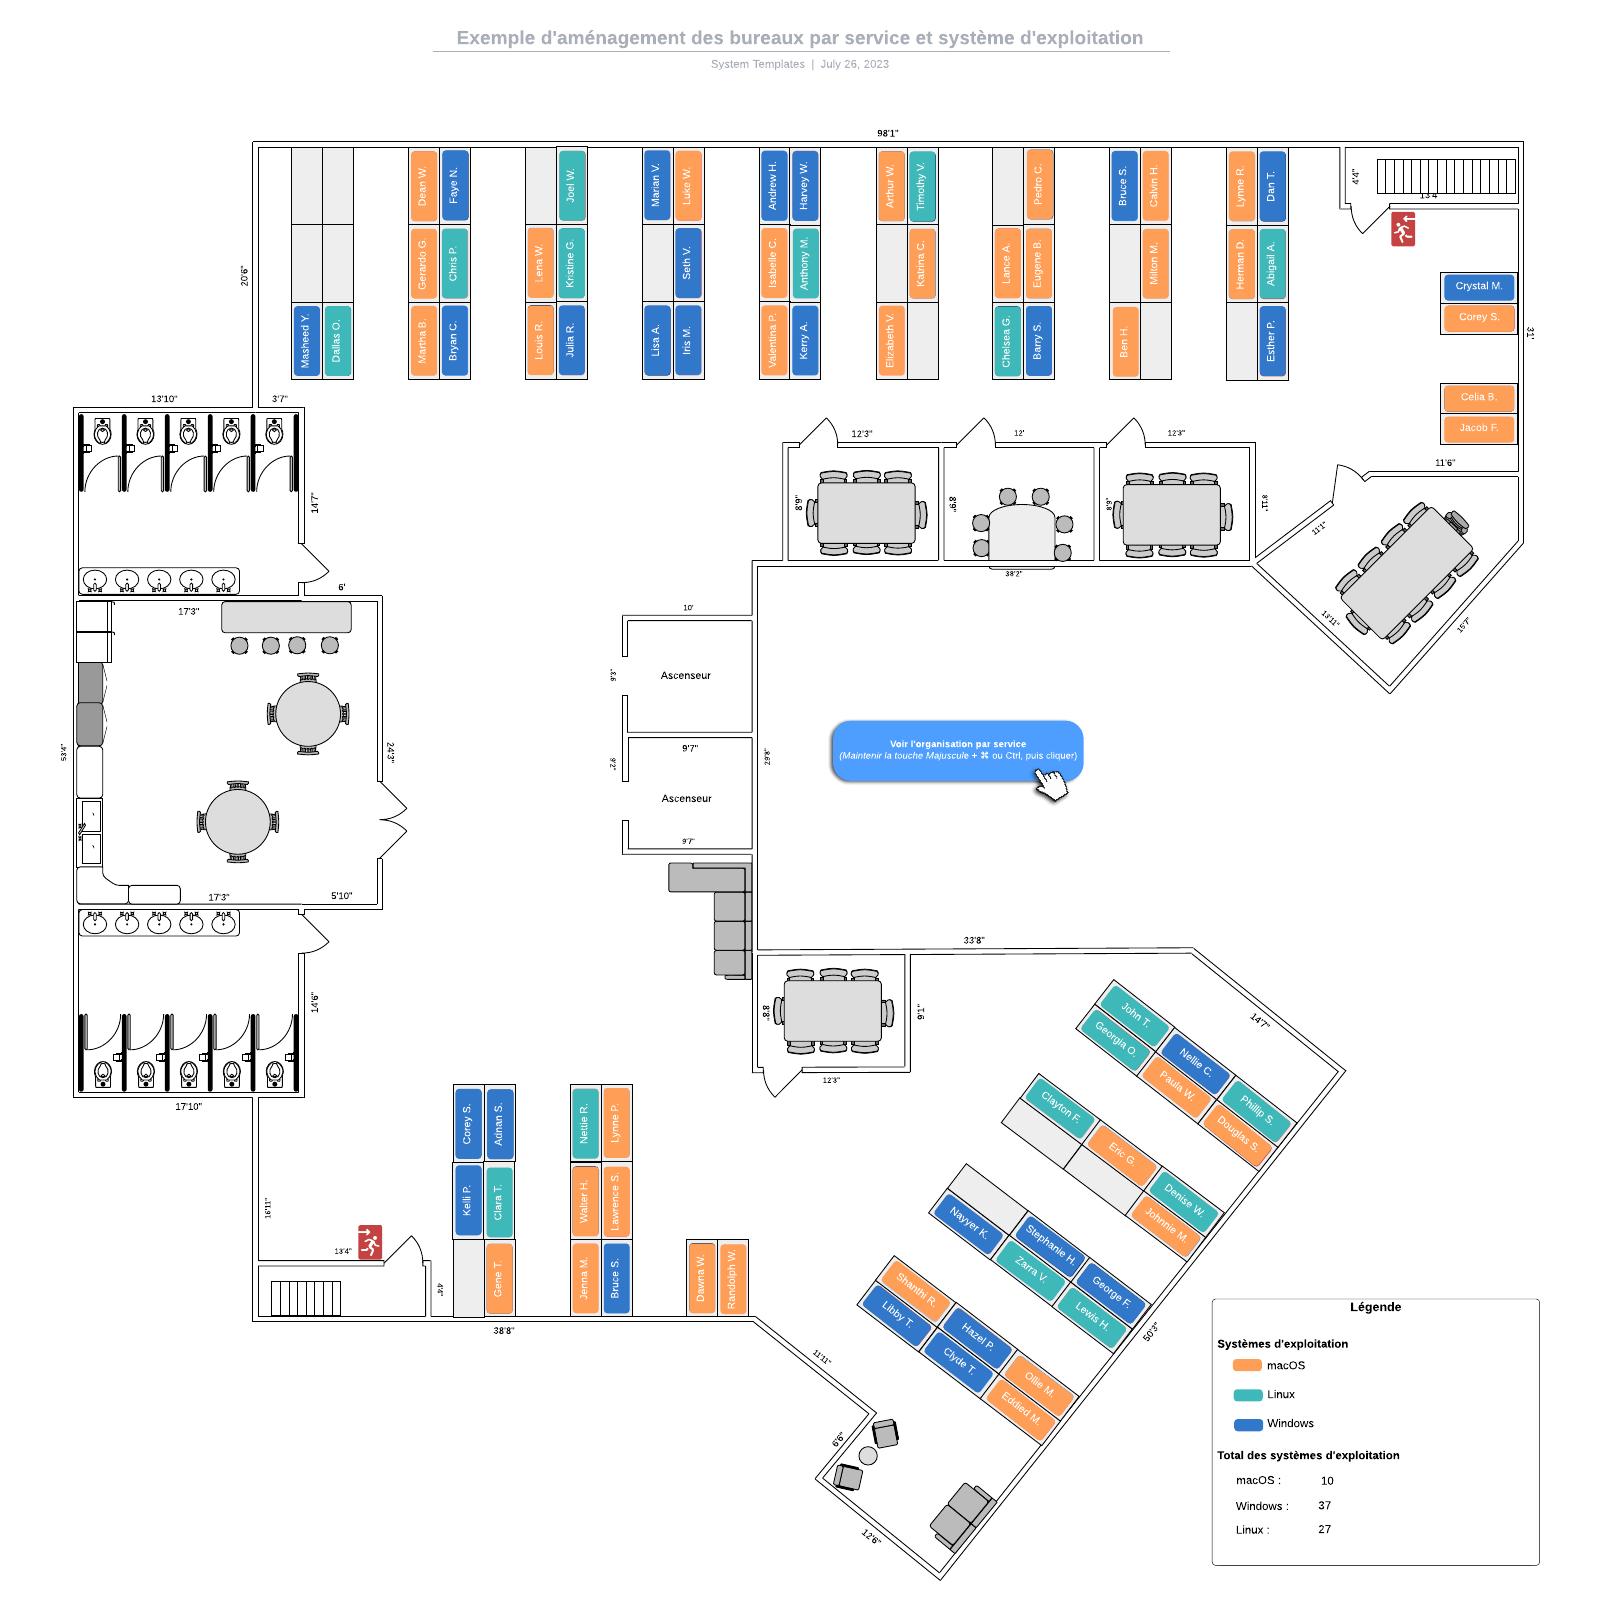 exemple d'aménagement de bureau par service et système d'exploitation